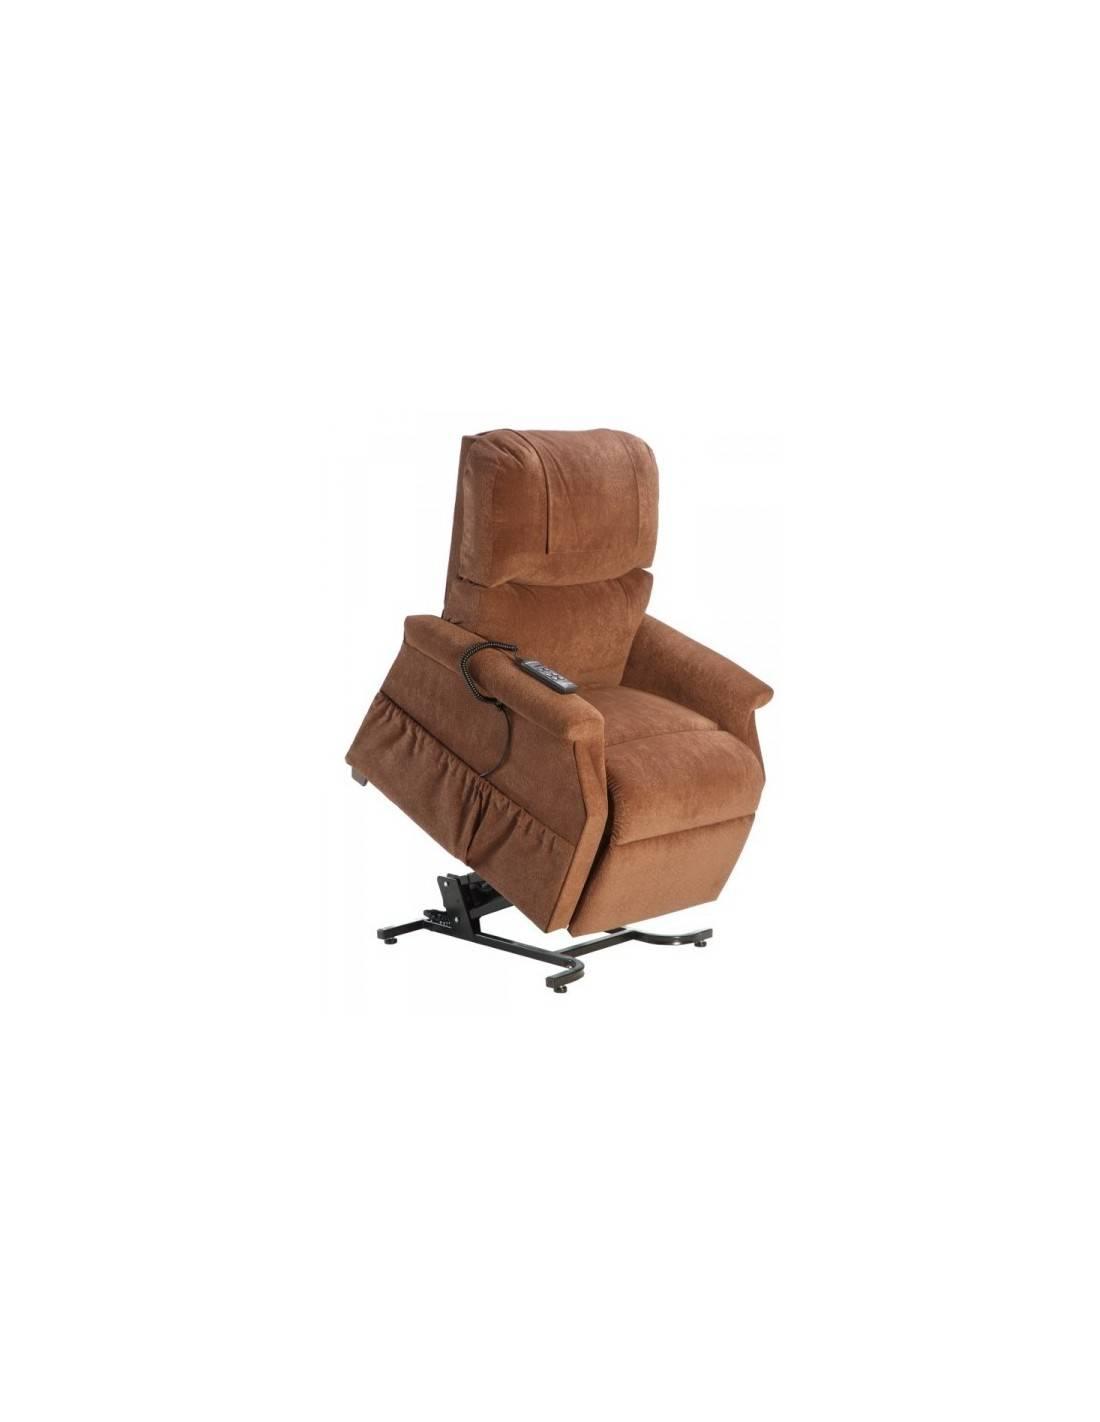 fauteuil releveur confort premium 2 moteurs. Black Bedroom Furniture Sets. Home Design Ideas